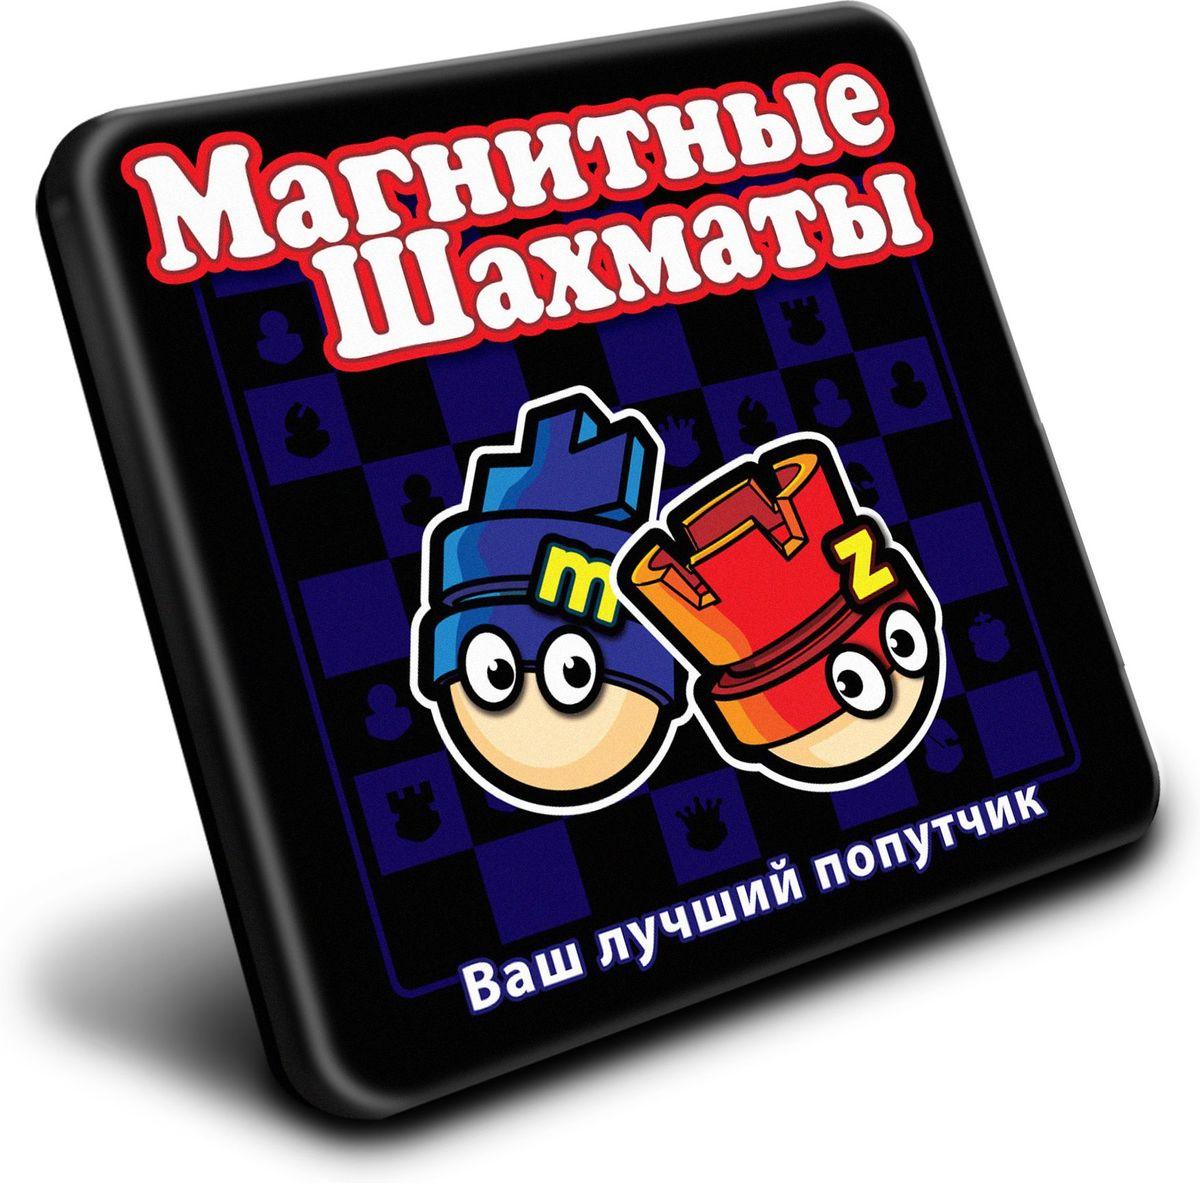 Купить настольные игры для детей в магазине развивающих игрушек Маленький Сократ